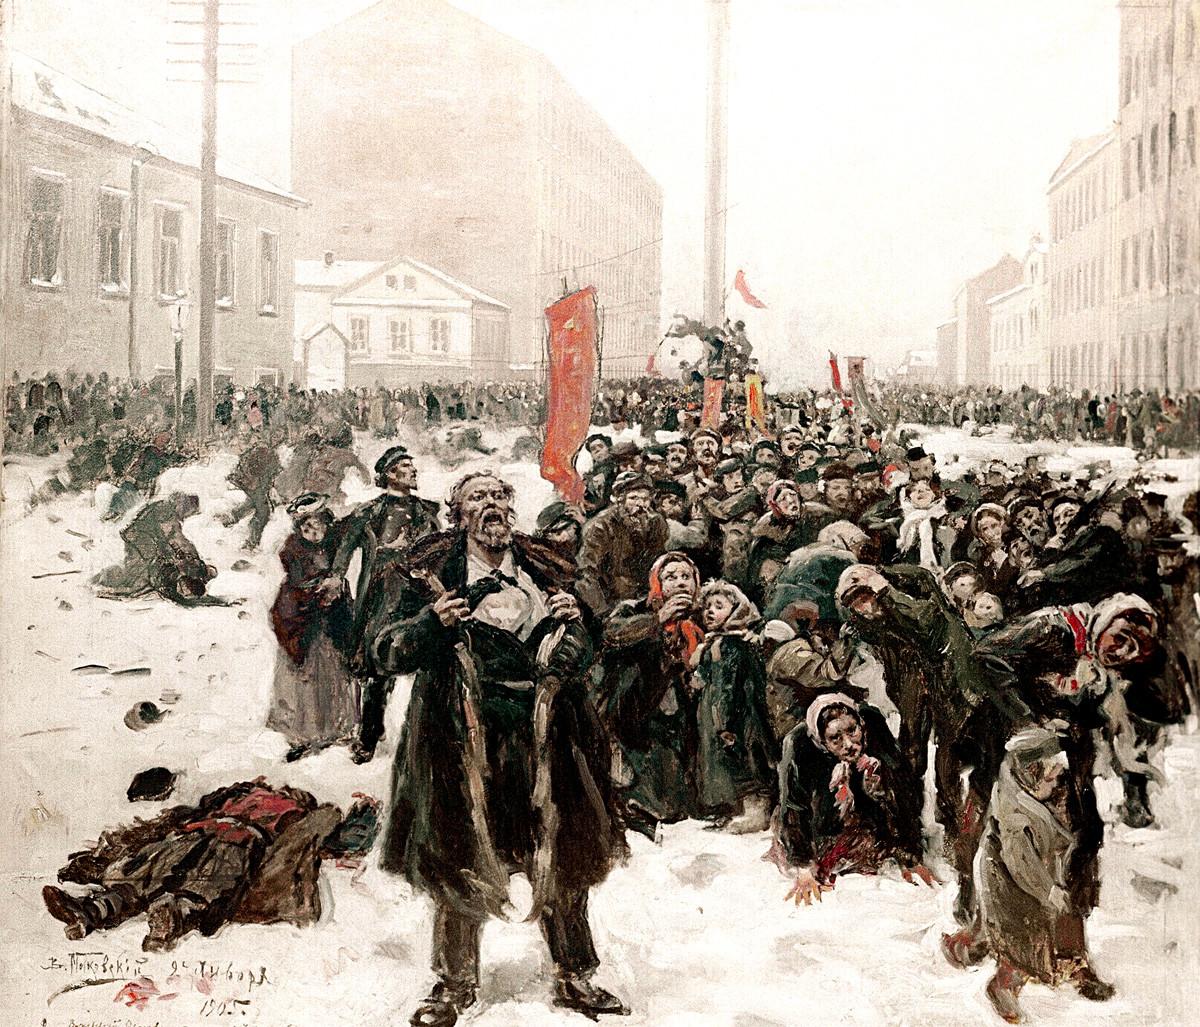 Владимир Маковски, 9. јануар 1905, На Васиљевском острву